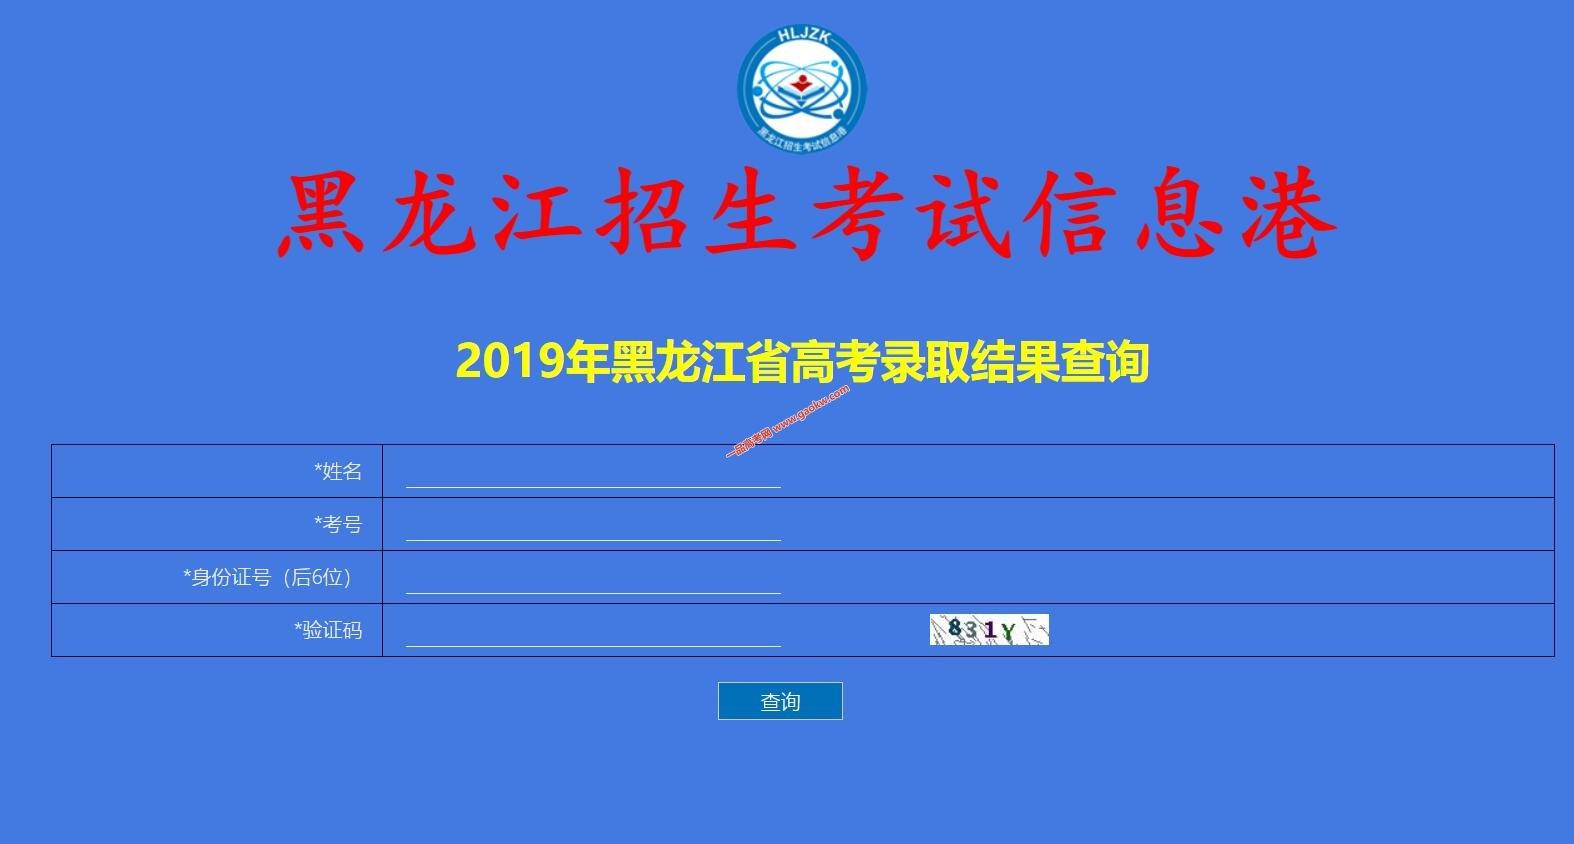 2019黑龙江高考录取结果查询(龙招港)